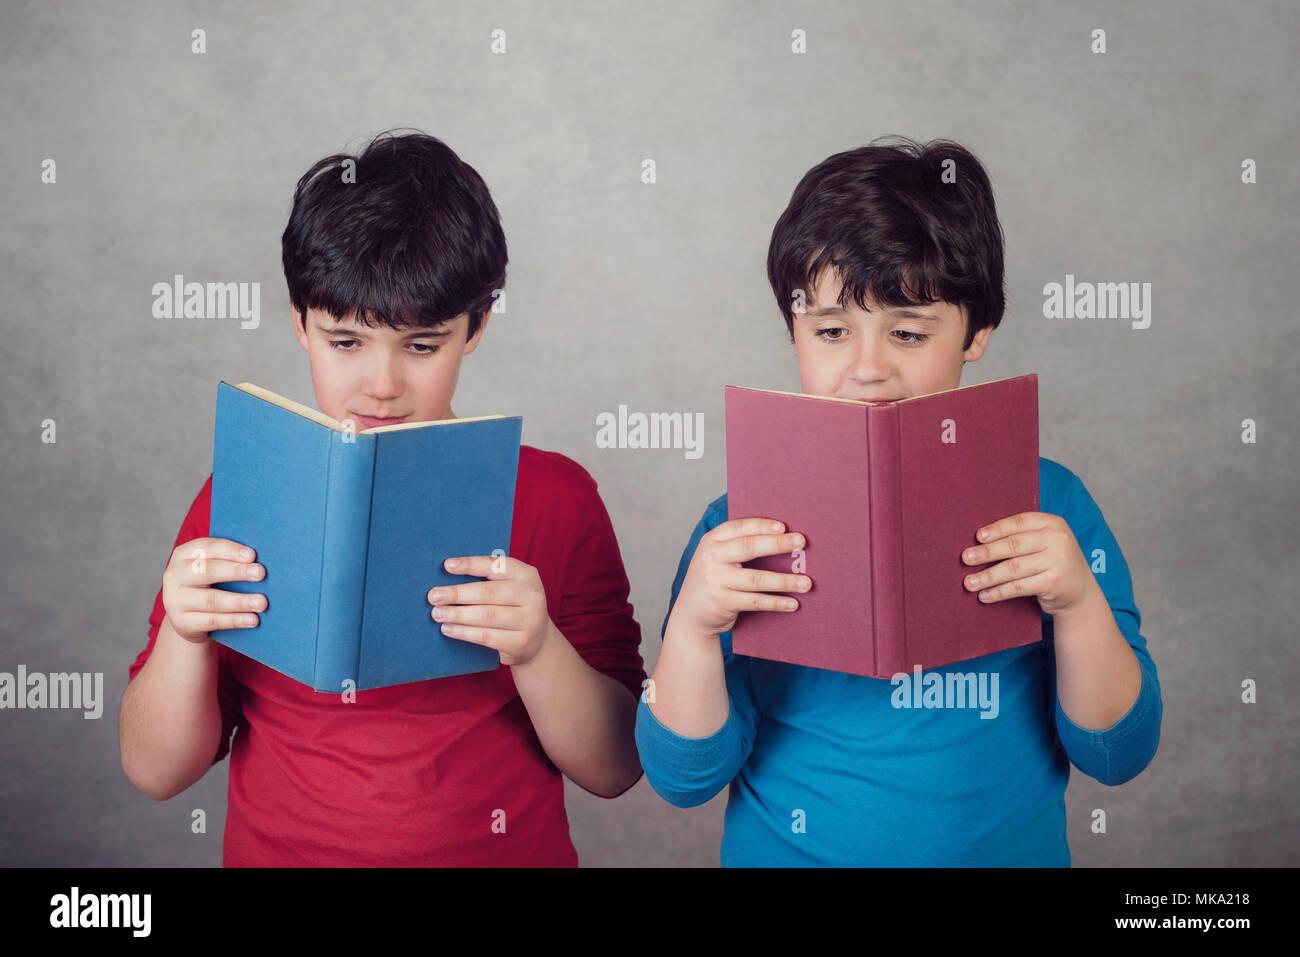 Kinder Lesen eines Buches auf grauem Hintergrund Stockbild